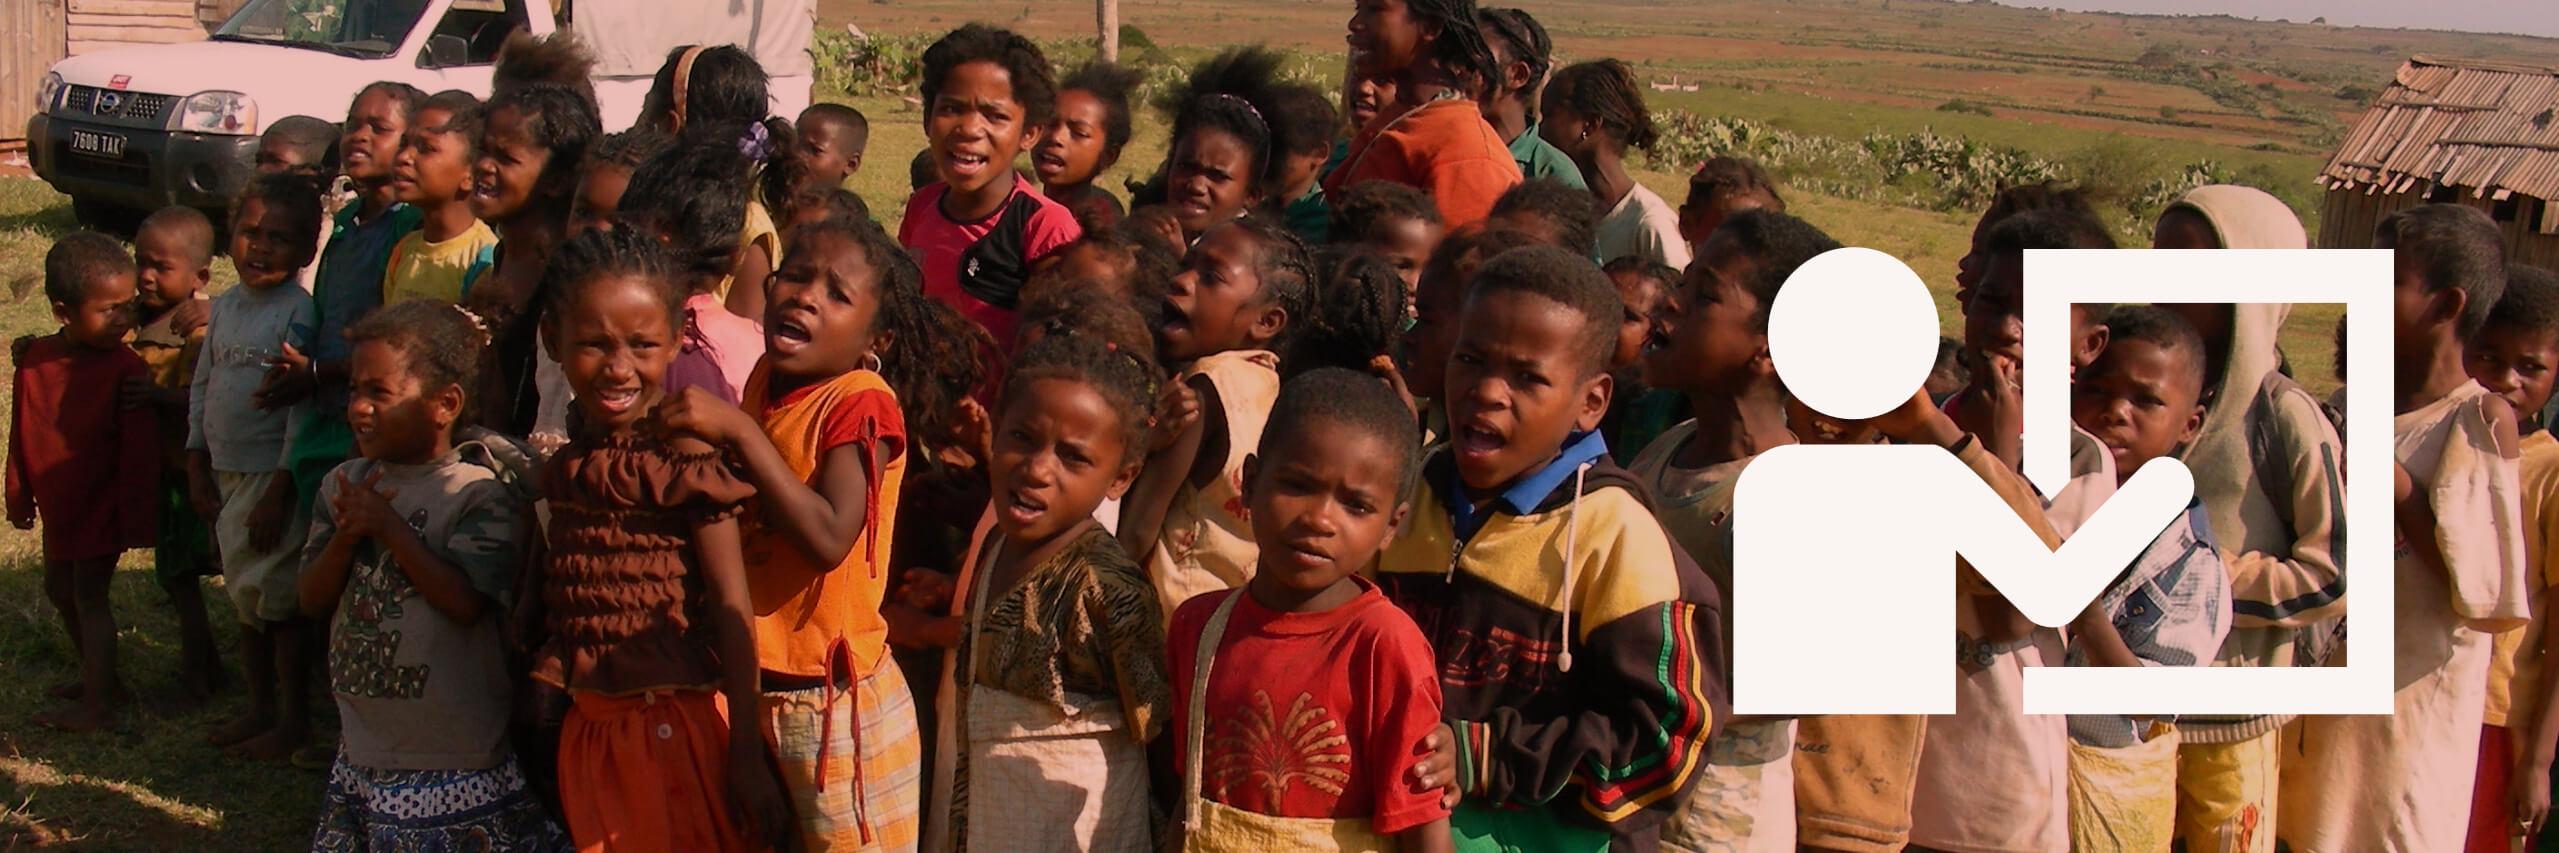 Ecoliers à Madagascar